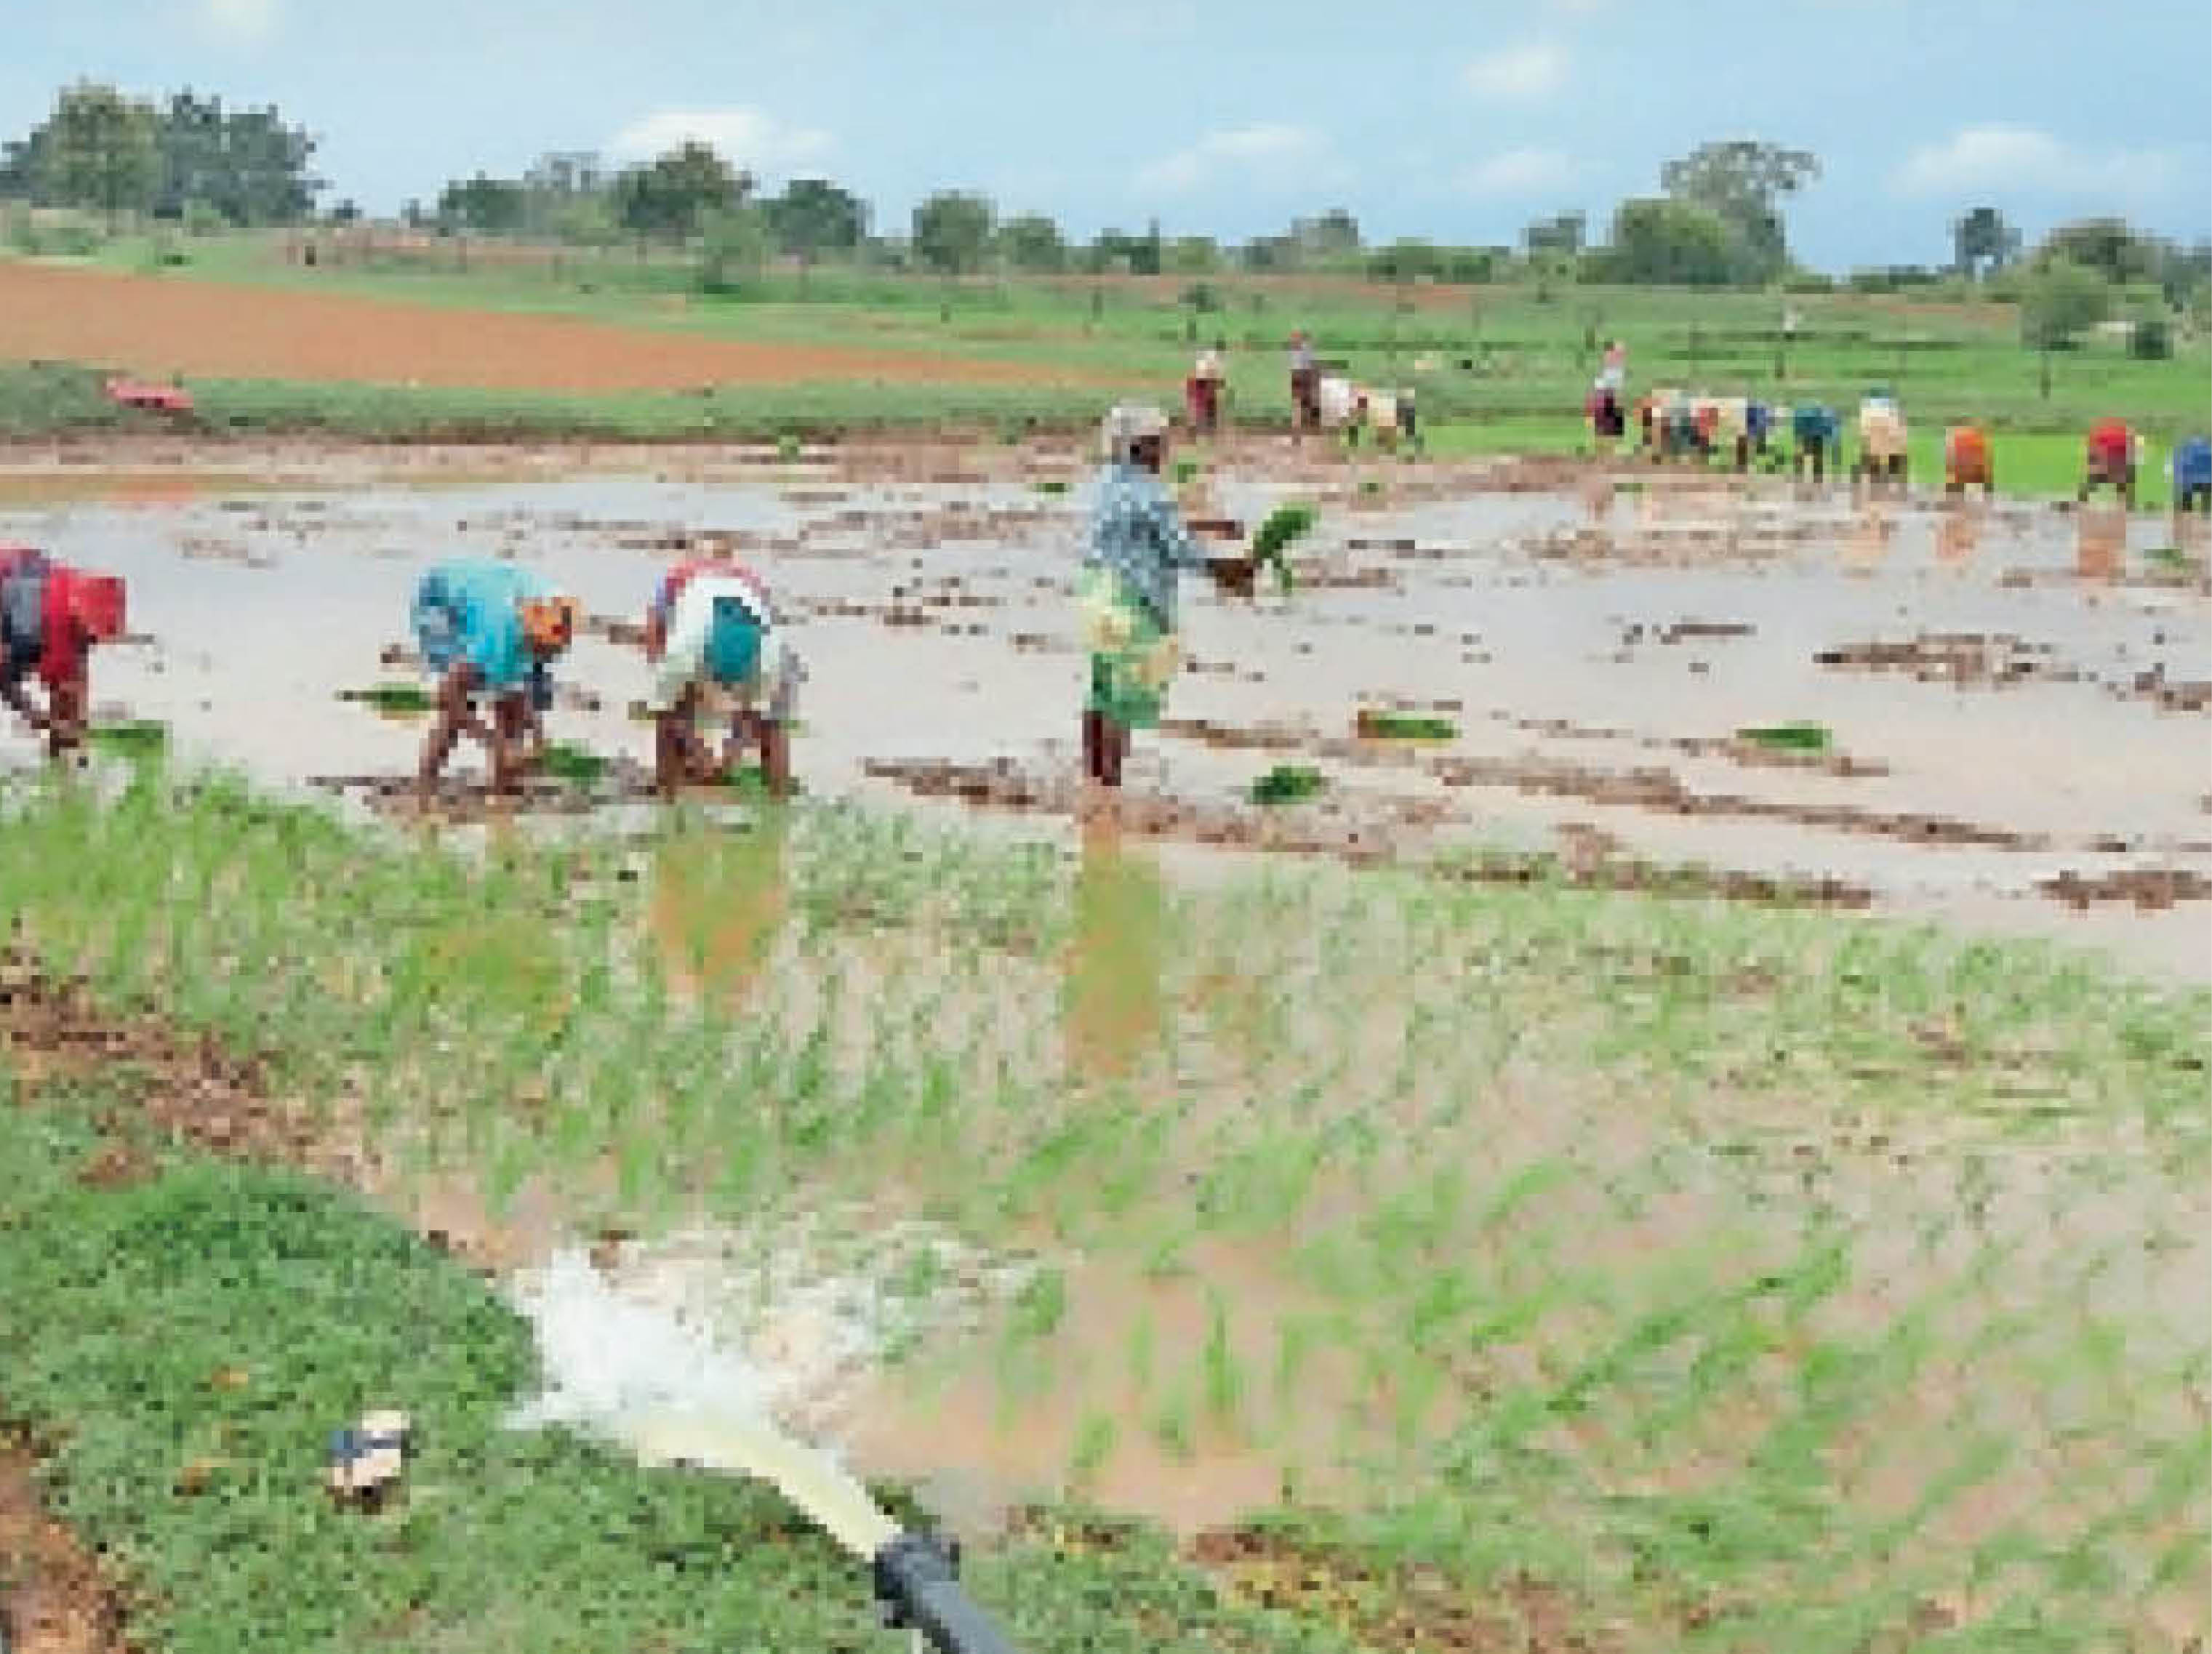 बोरई के किसान झबेन्द्र भूषण के खेत की यह तस्वीर है। यहां कृषि पम्प से पानी लेकर रोपाई हो रही है। इसके ठीक बाजू के अन्य खेत पूरी तरह से सूख हुए हैं, जो बारिश के पानी पर निर्भर हैं। - Dainik Bhaskar